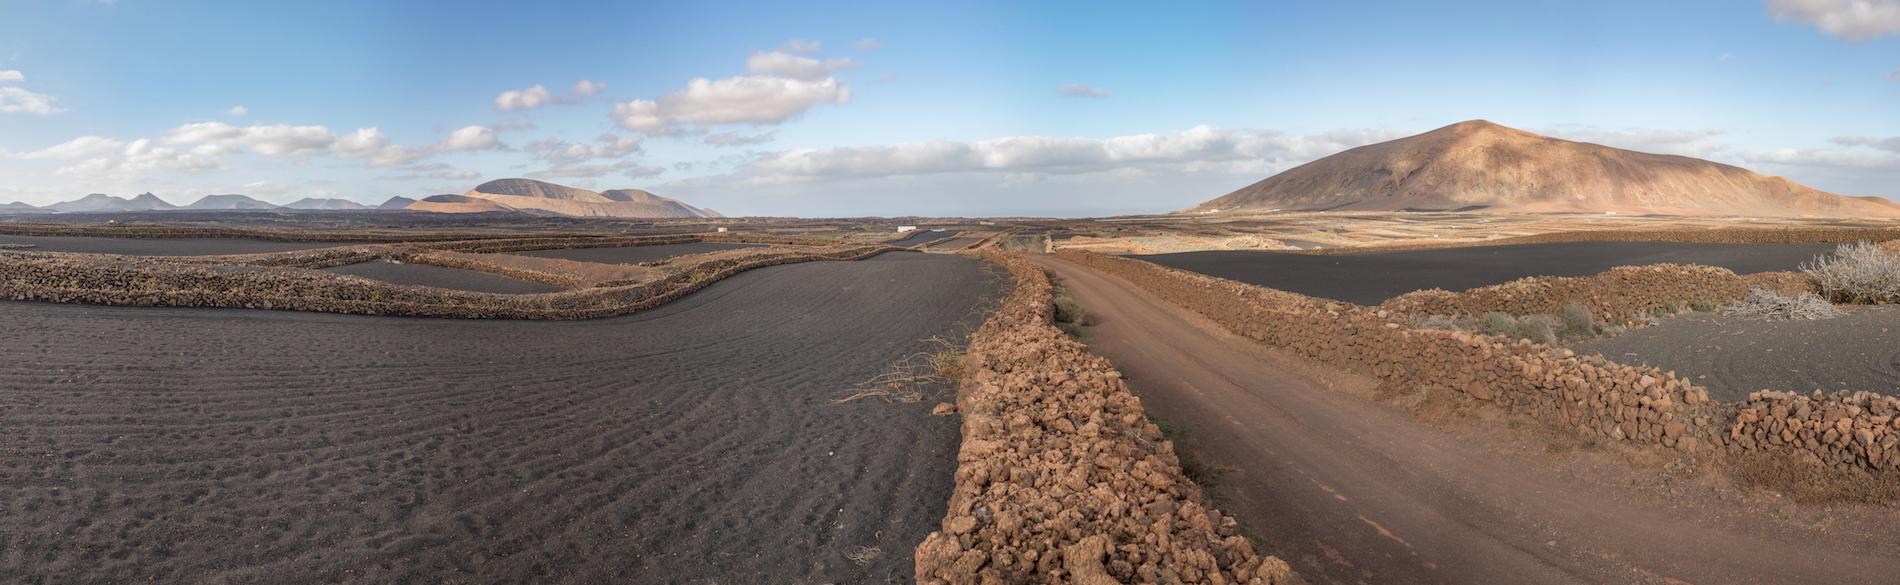 Lanzarote vignes terre volcanique